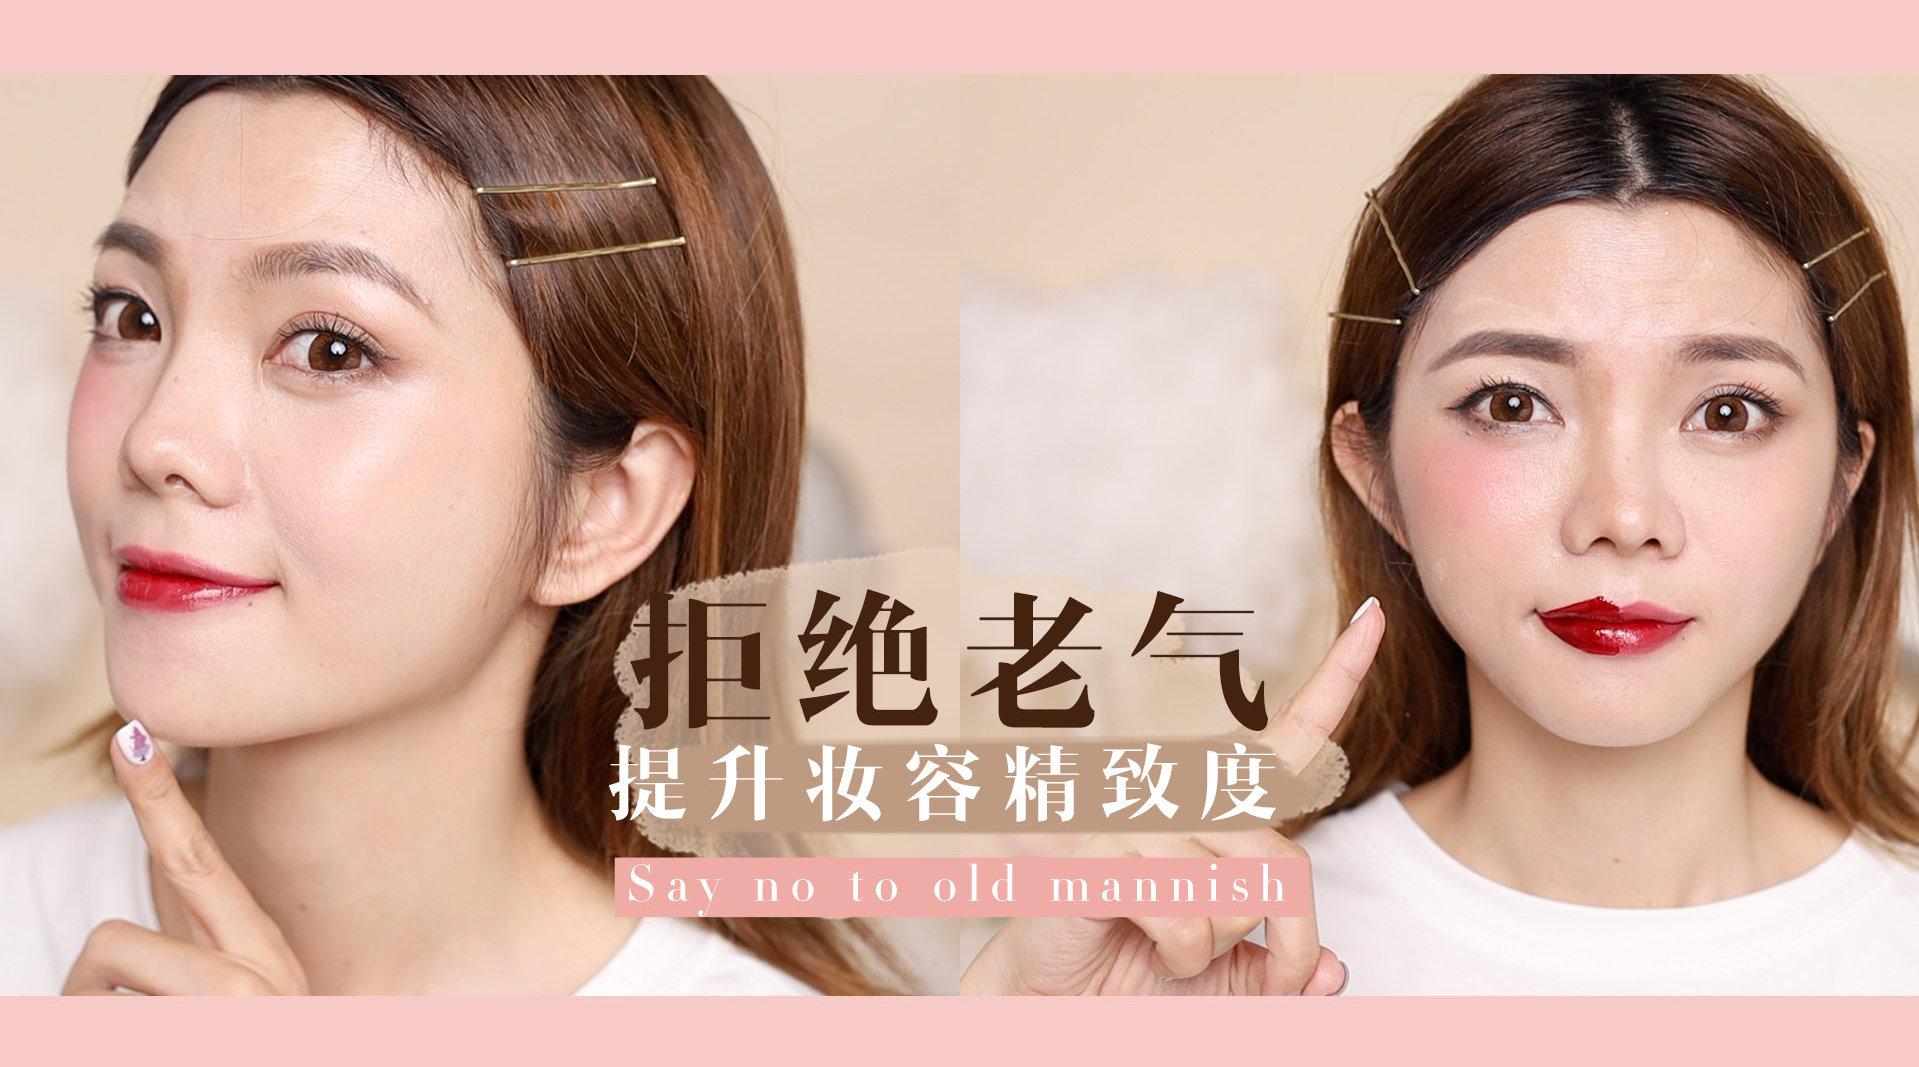 手把手教你提升妆容精致度十条私藏心机美妆tips解决脱妆浮粉   眉